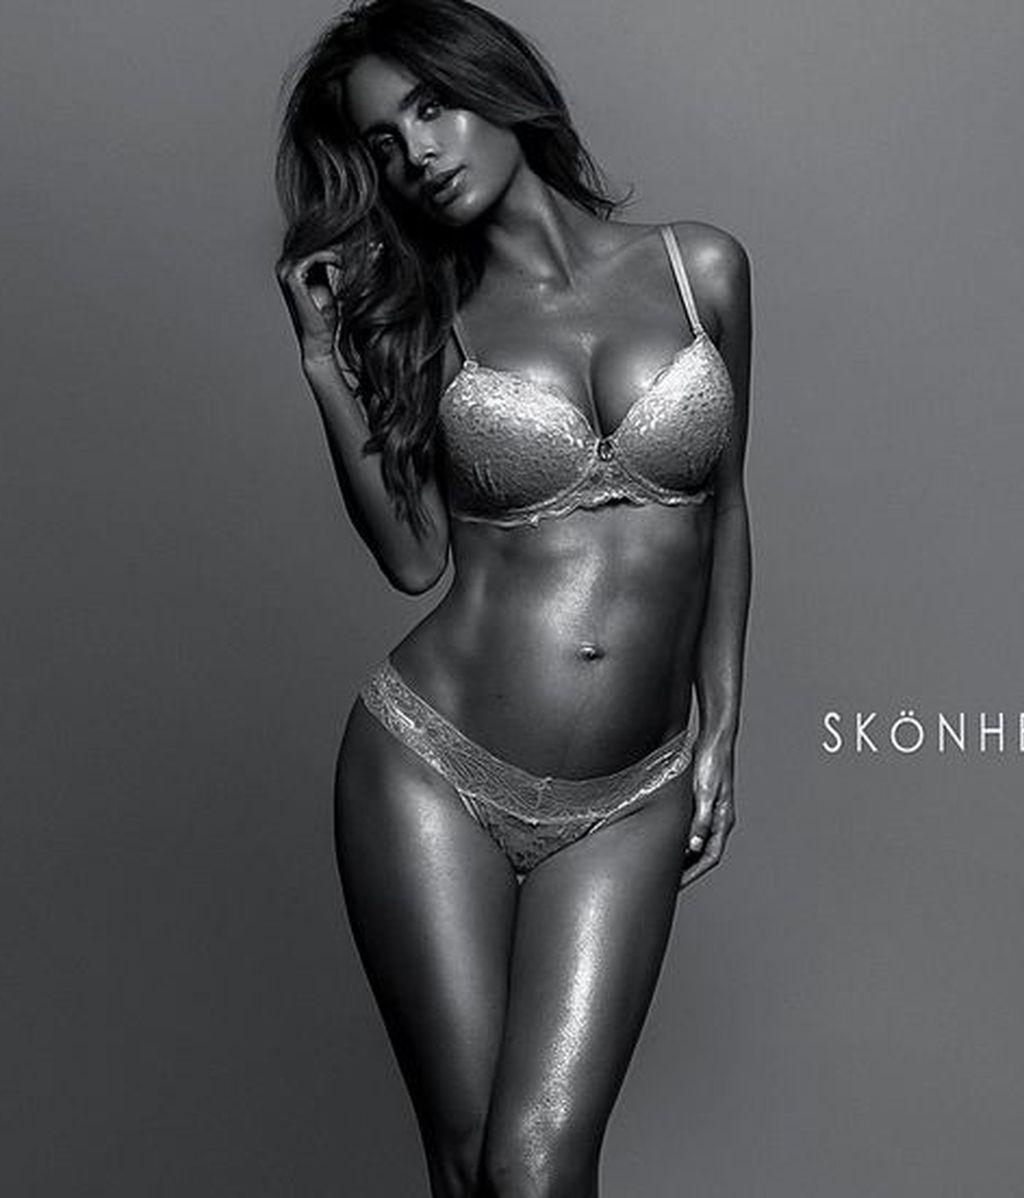 El asombroso aspecto físico de una modelo embarazada de ocho meses